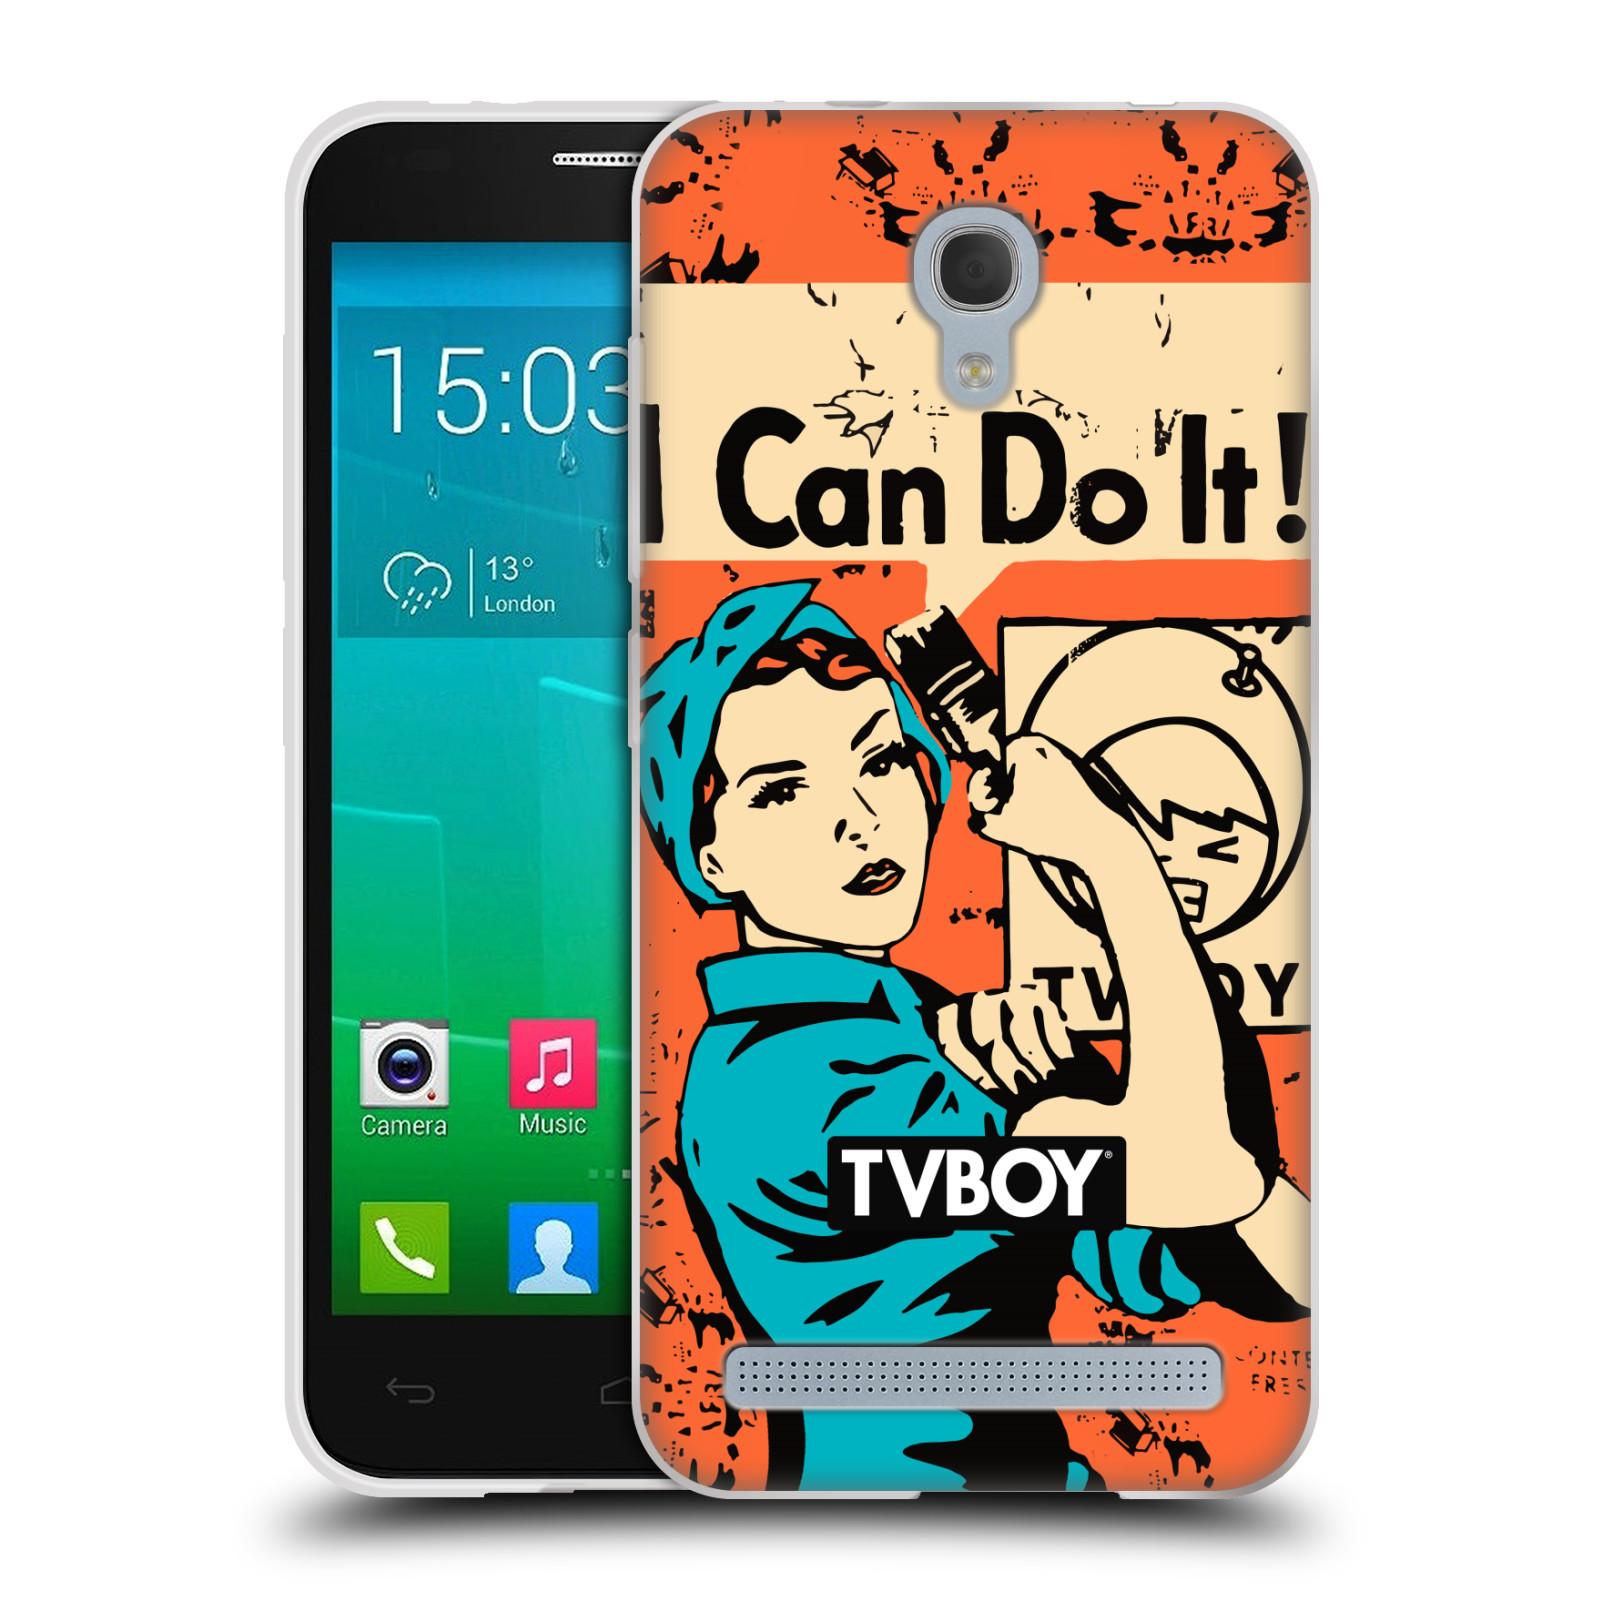 Silikonové pouzdro na mobil Alcatel One Touch Idol 2 Mini S 6036Y HEAD CASE - TVBOY - I can do it (Silikonový kryt či obal na mobilní telefon s licencovaným motivem TVBOY pro Alcatel Idol 2 Mini S OT-6036Y)